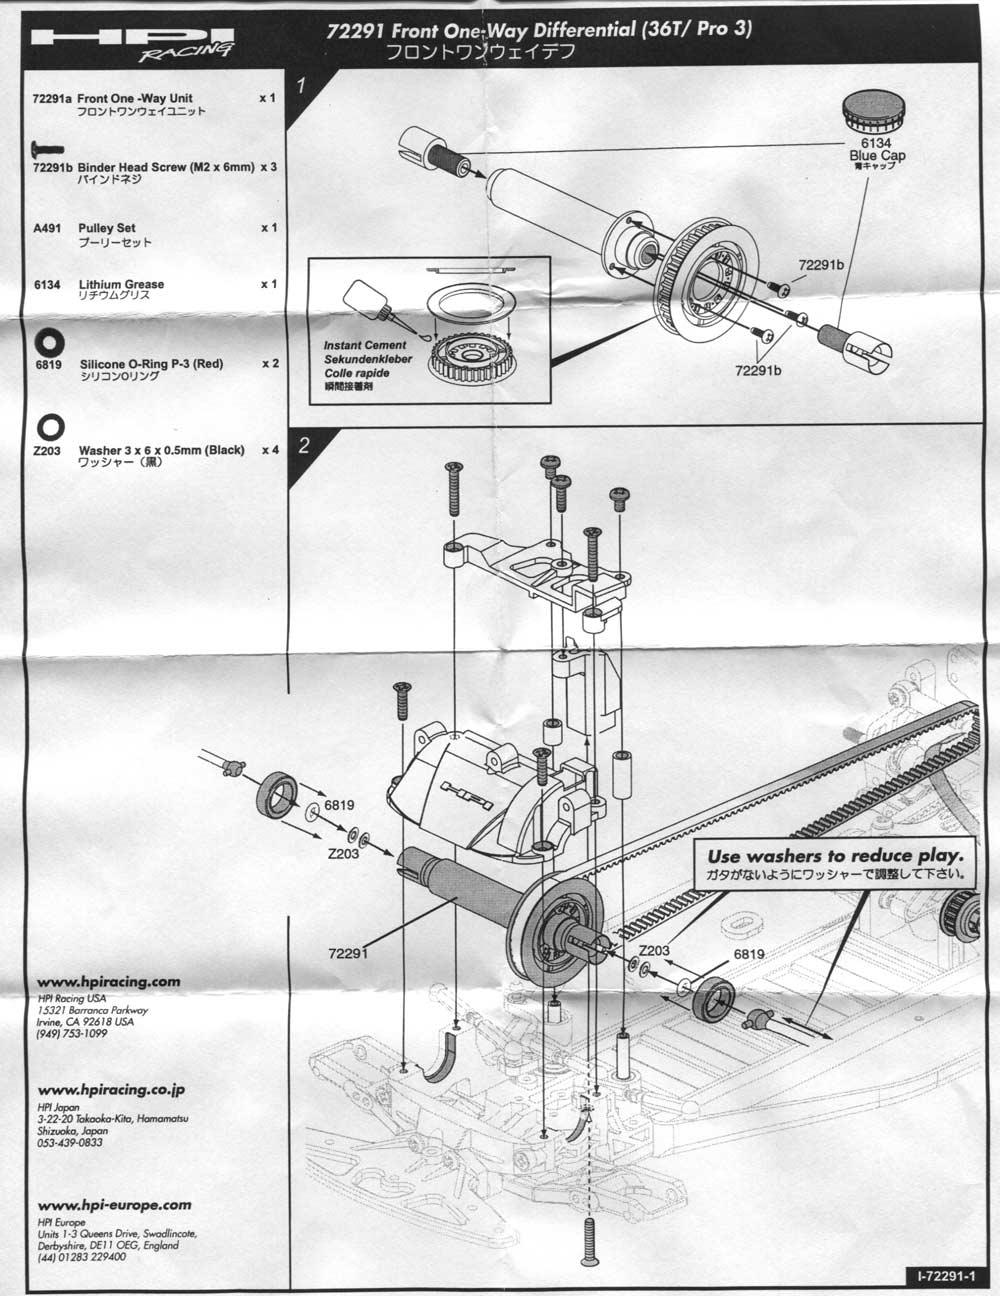 HPI Manuals